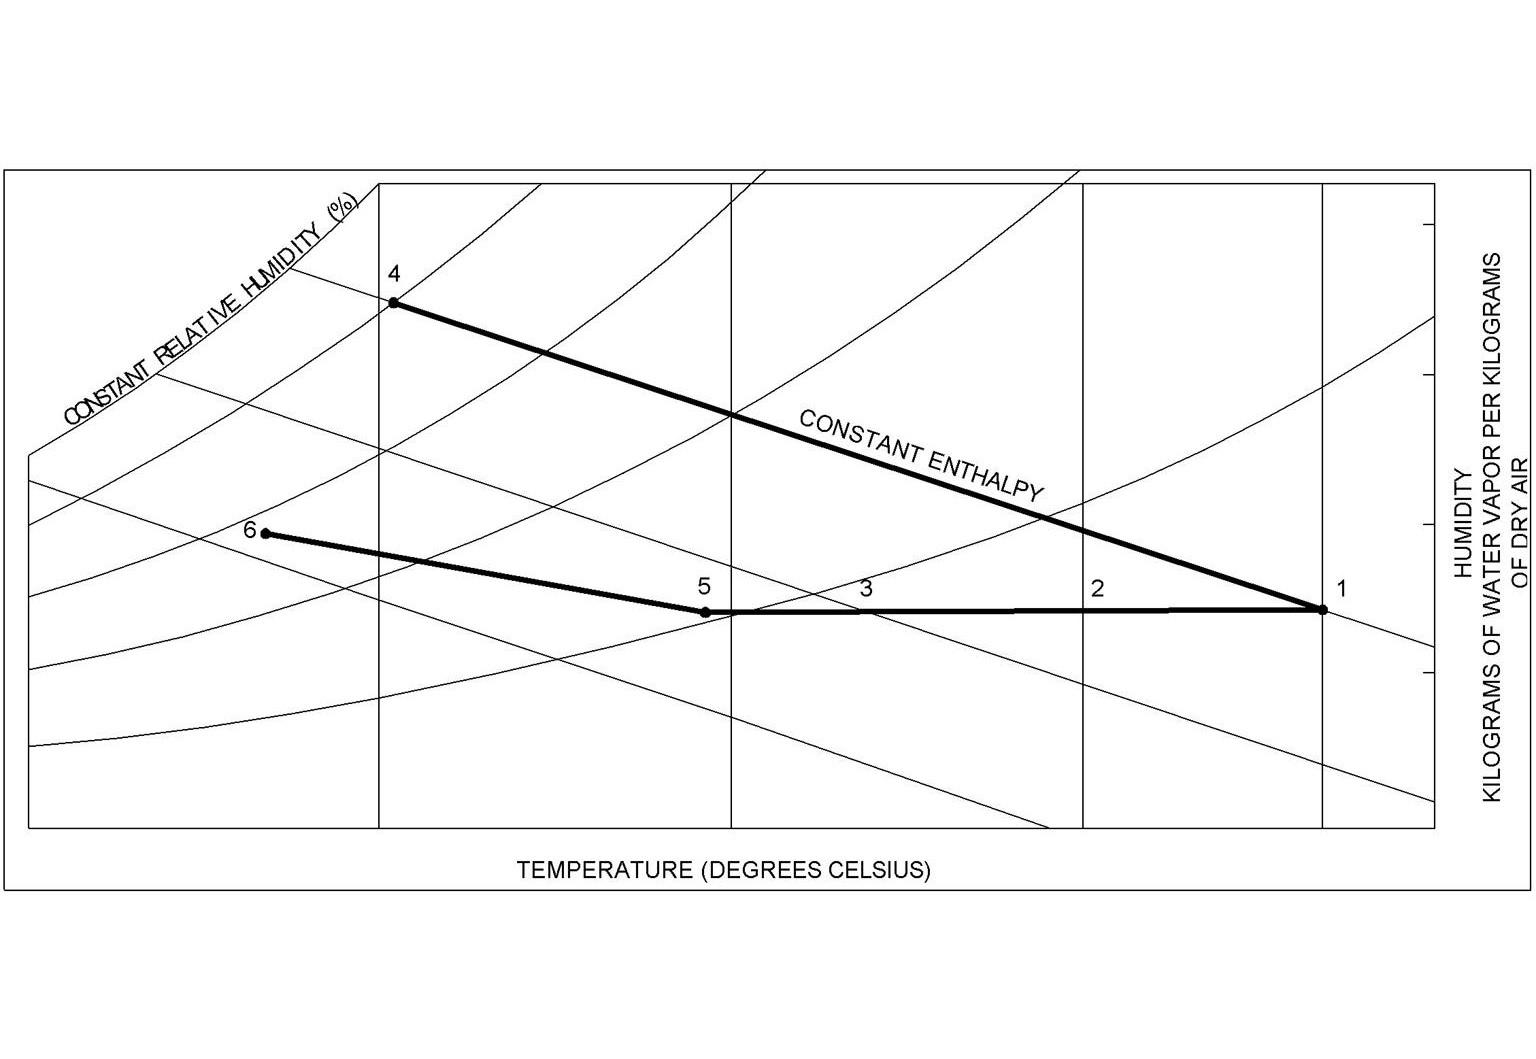 Hình 4: BIỂU ĐỒ ĐỘ ẨM thể hiện sự điều hoà không khí vào ban ngày khi nó đi qua Tháp gió xuất hiện ở hình 2. Không khí đi xuống tháp được làm mát cảm biến (1, 2, 3, 5) làm cho nhiệt độ không khí giảm xuống nhưng hàm lượng hơi nước vẫn giữ nguyên. Nó là dòng entanpi liên tục vì không có nhiệt hút vào hay toả ra khỏi hệ thống không khí và hơi nước. Vì không khí mát hơn có thể giữ ít nước hơn không khí ẩm, tuy nhiên độ ẩm tương đối (tỷ số giữa áp suất hơi thực với áp suất hơi tối đa ở cùng nhiệt độ) tăng lên. Khi không khí lưu thông qua tường tầng hầm ẩm ướt của tháp, không khí cũng được làm lạnh bằng hơi nước và tiếp thêm hơi nước cho không khí. (5, 6). Vì vậy nhiệt độ không khí làm mát giảm thấp hơn và hàm lượng hơi nước và độ ẩm tương đối của không khí tăng lên trước khi đi vào tầng hầm toà nhà.  Dòng 1-a thể hiện sự điều hoà không khí chỉ xảy ra khi đang vận hành hệ thống làm mát bằng hơi nước. Con số được đưa ra ở trên biểu đồ giống với con số trong phần minh hoạ ở trang trước mặt.